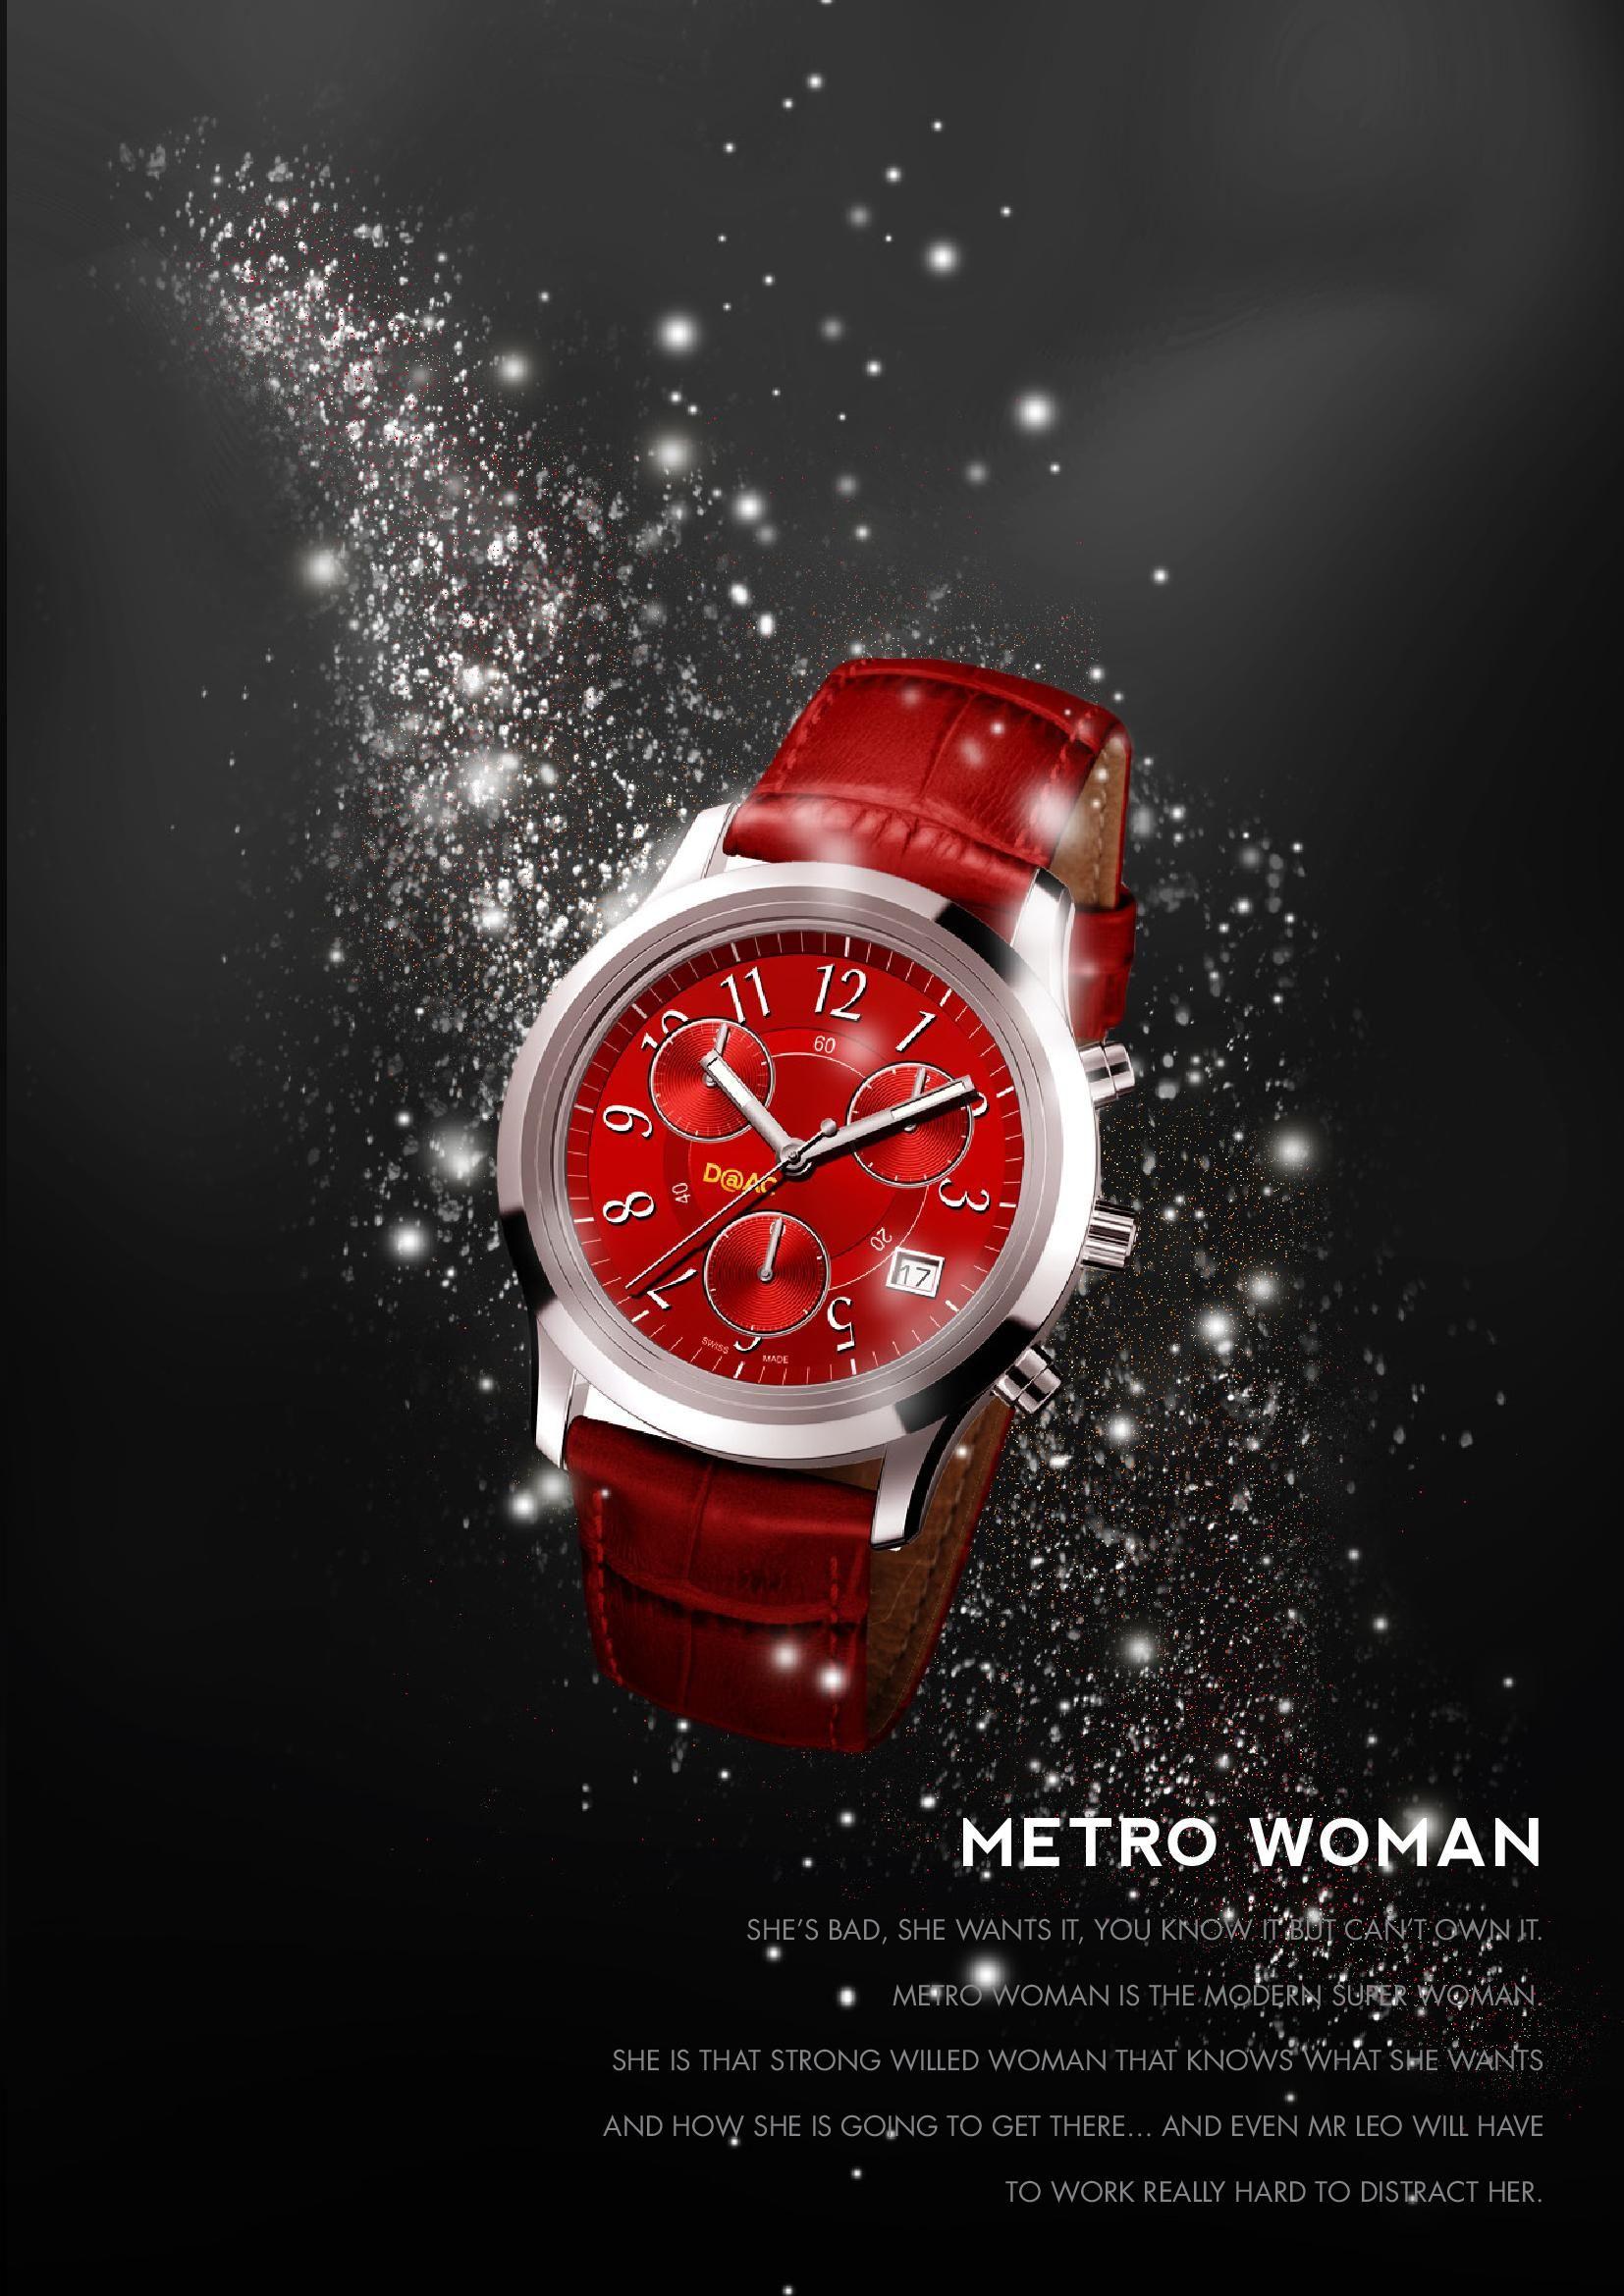 Metro Woman Chrono Wrist Watch Design Women Chrono